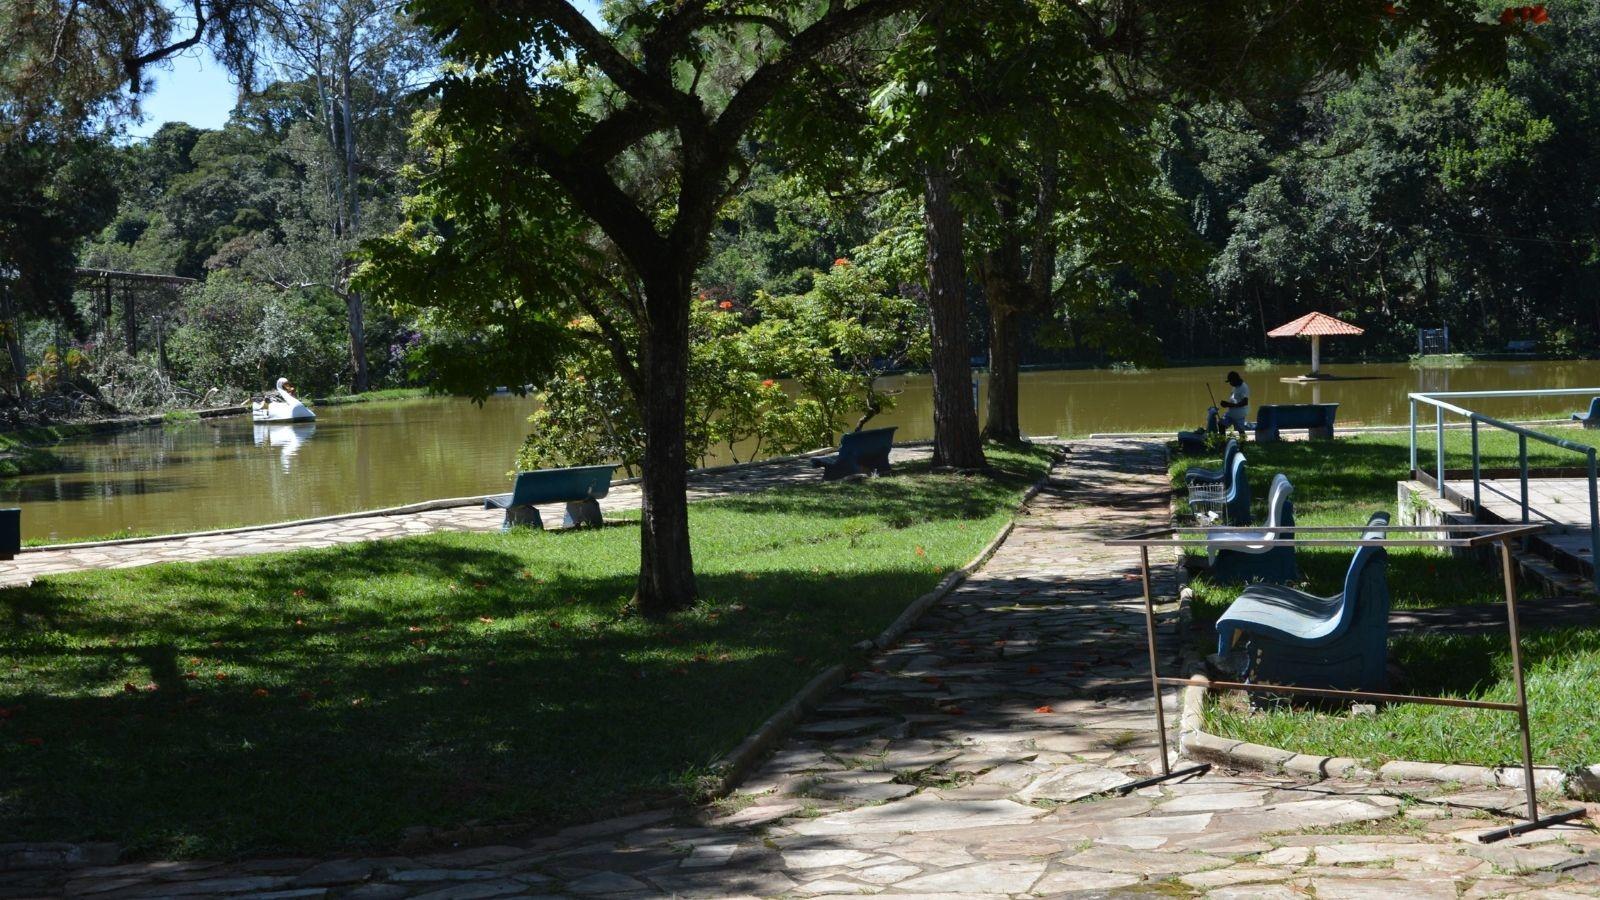 As águas de Minas Gerais para combater o estresse e problemas de saúde